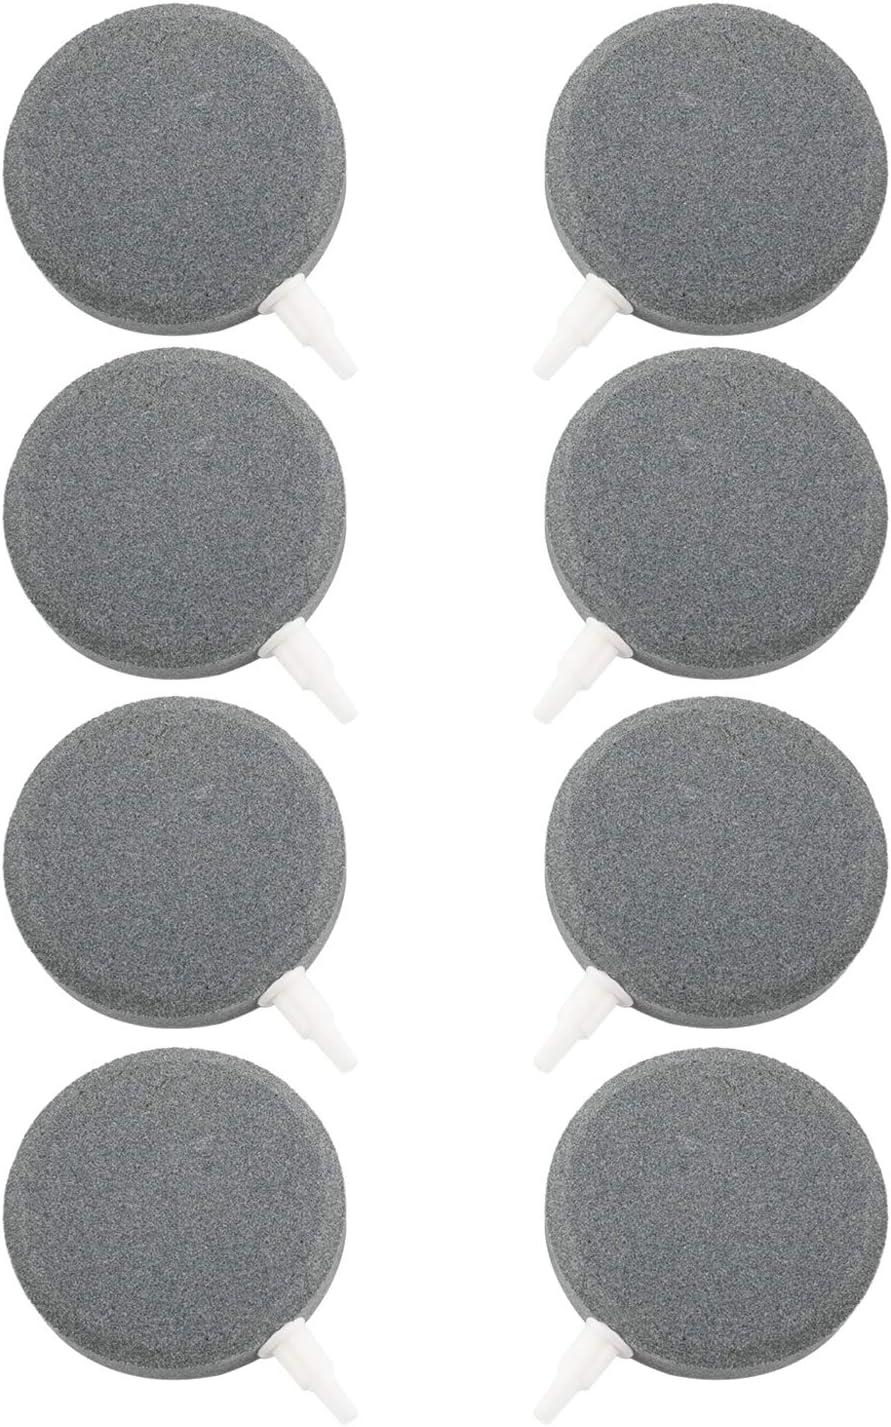 """DasMarine 8 Pack Air Stones 3"""" Air Stone Bubble for Aquarium Fish Tank Decor Hydroponics Airstones Air Disk Stones"""